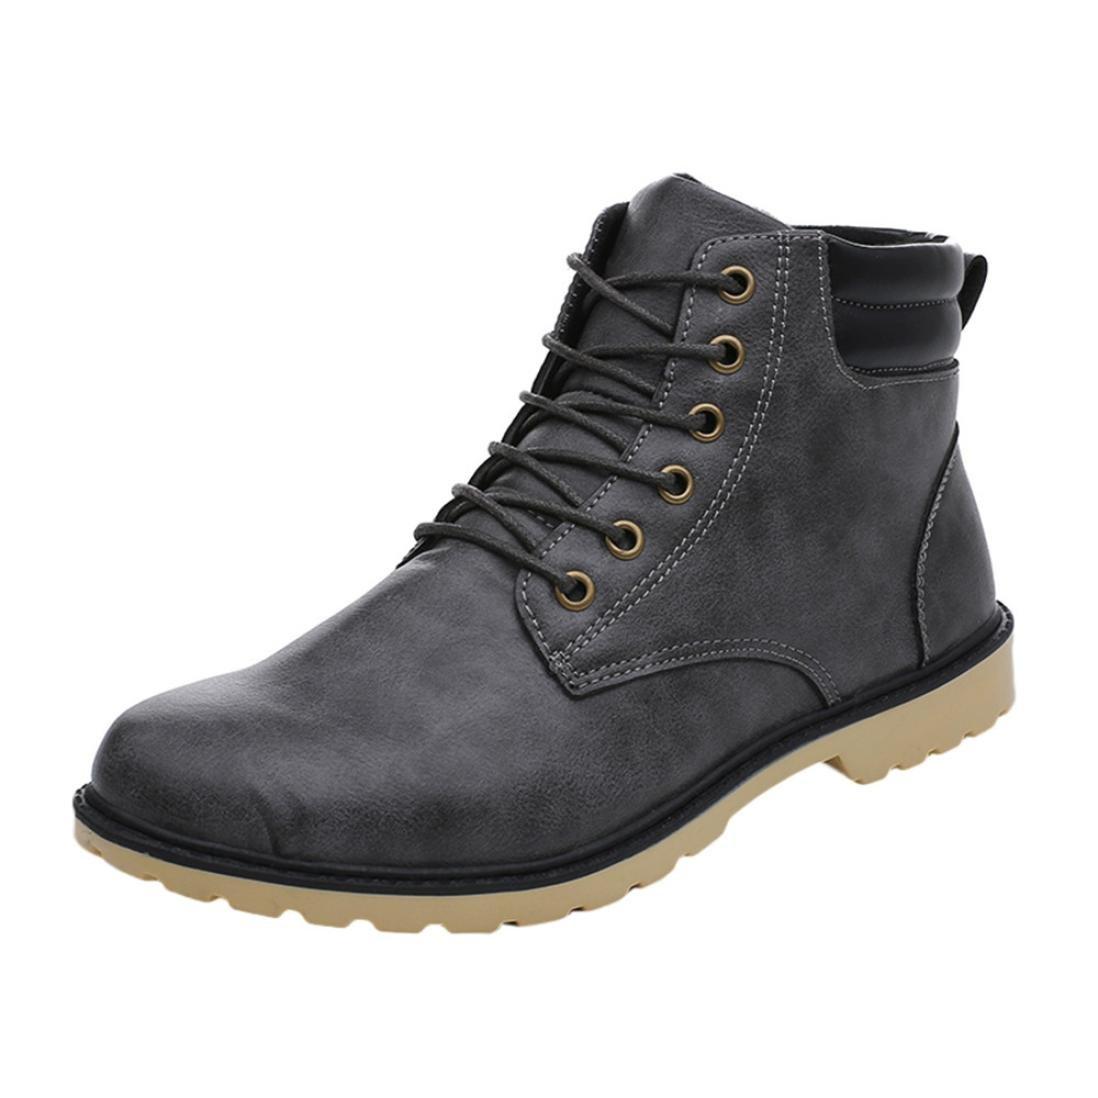 Zapatos de hombre, Manadlian Hombre bajo tobillo Recortar plano de invierno Botas de otoño Casual Martin Zapatos: Amazon.es: Deportes y aire libre